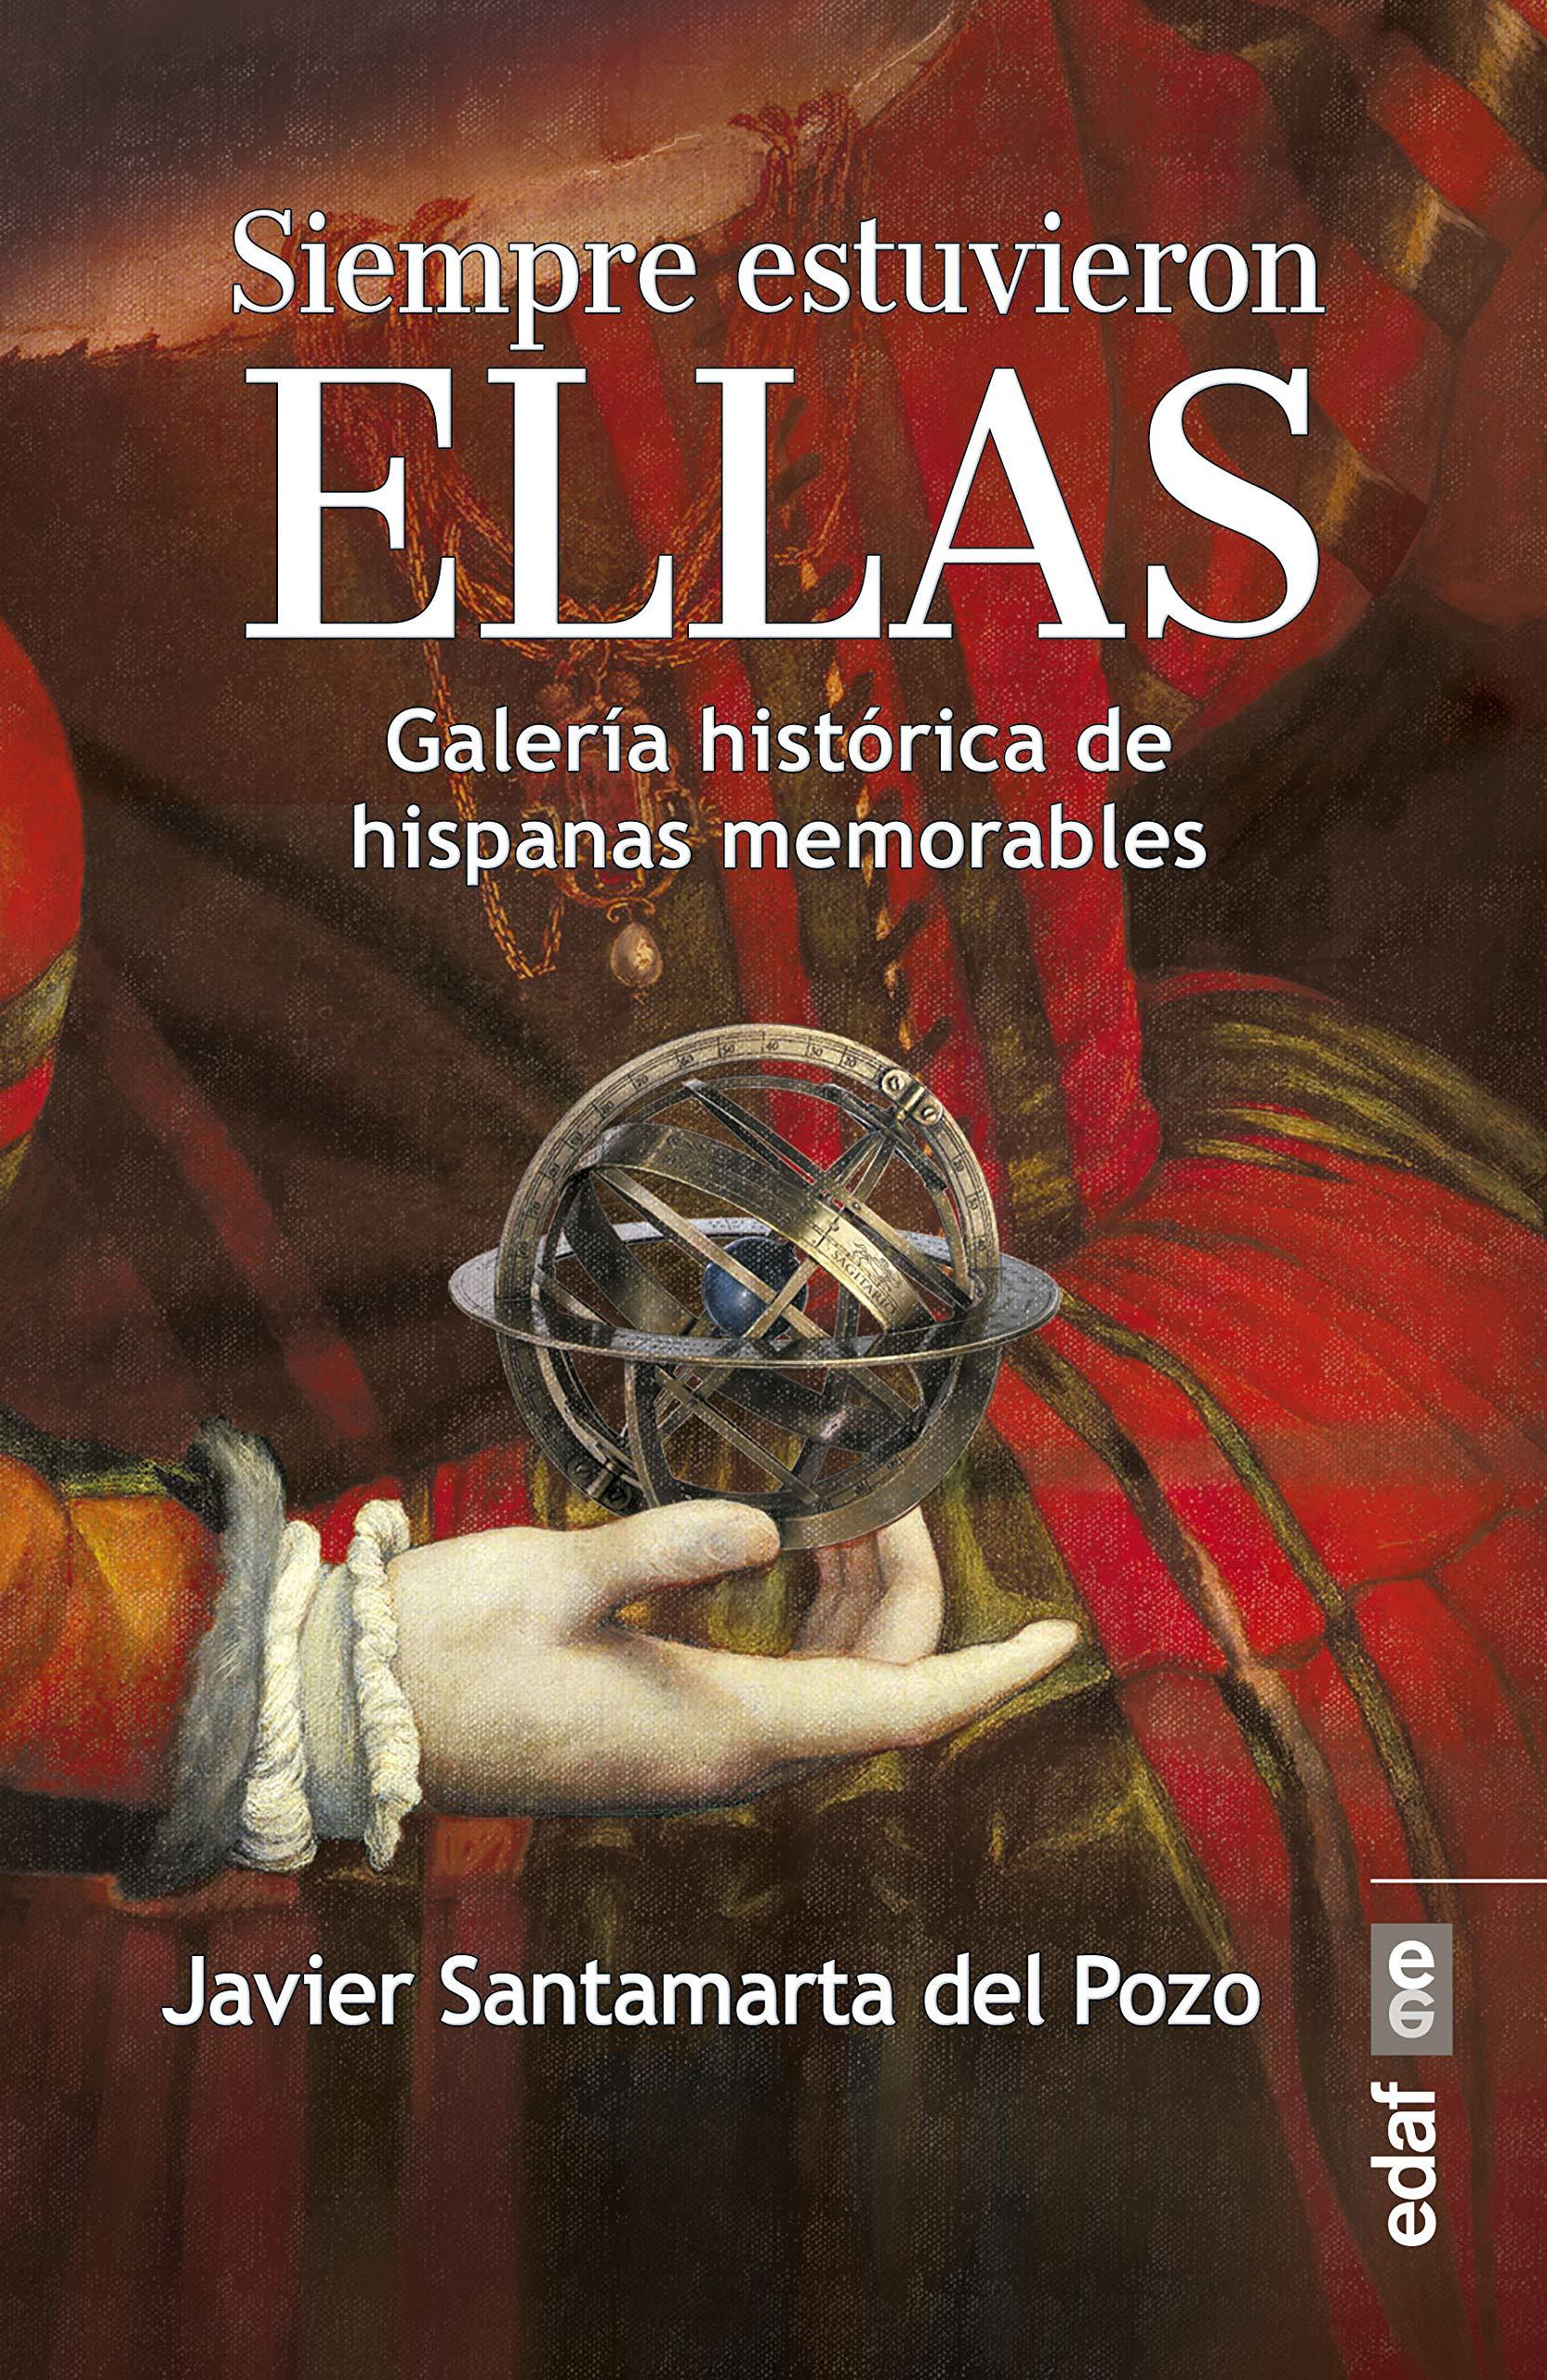 Siempre estuvieron ellas (Crónicas de la Historia): Amazon.es ...